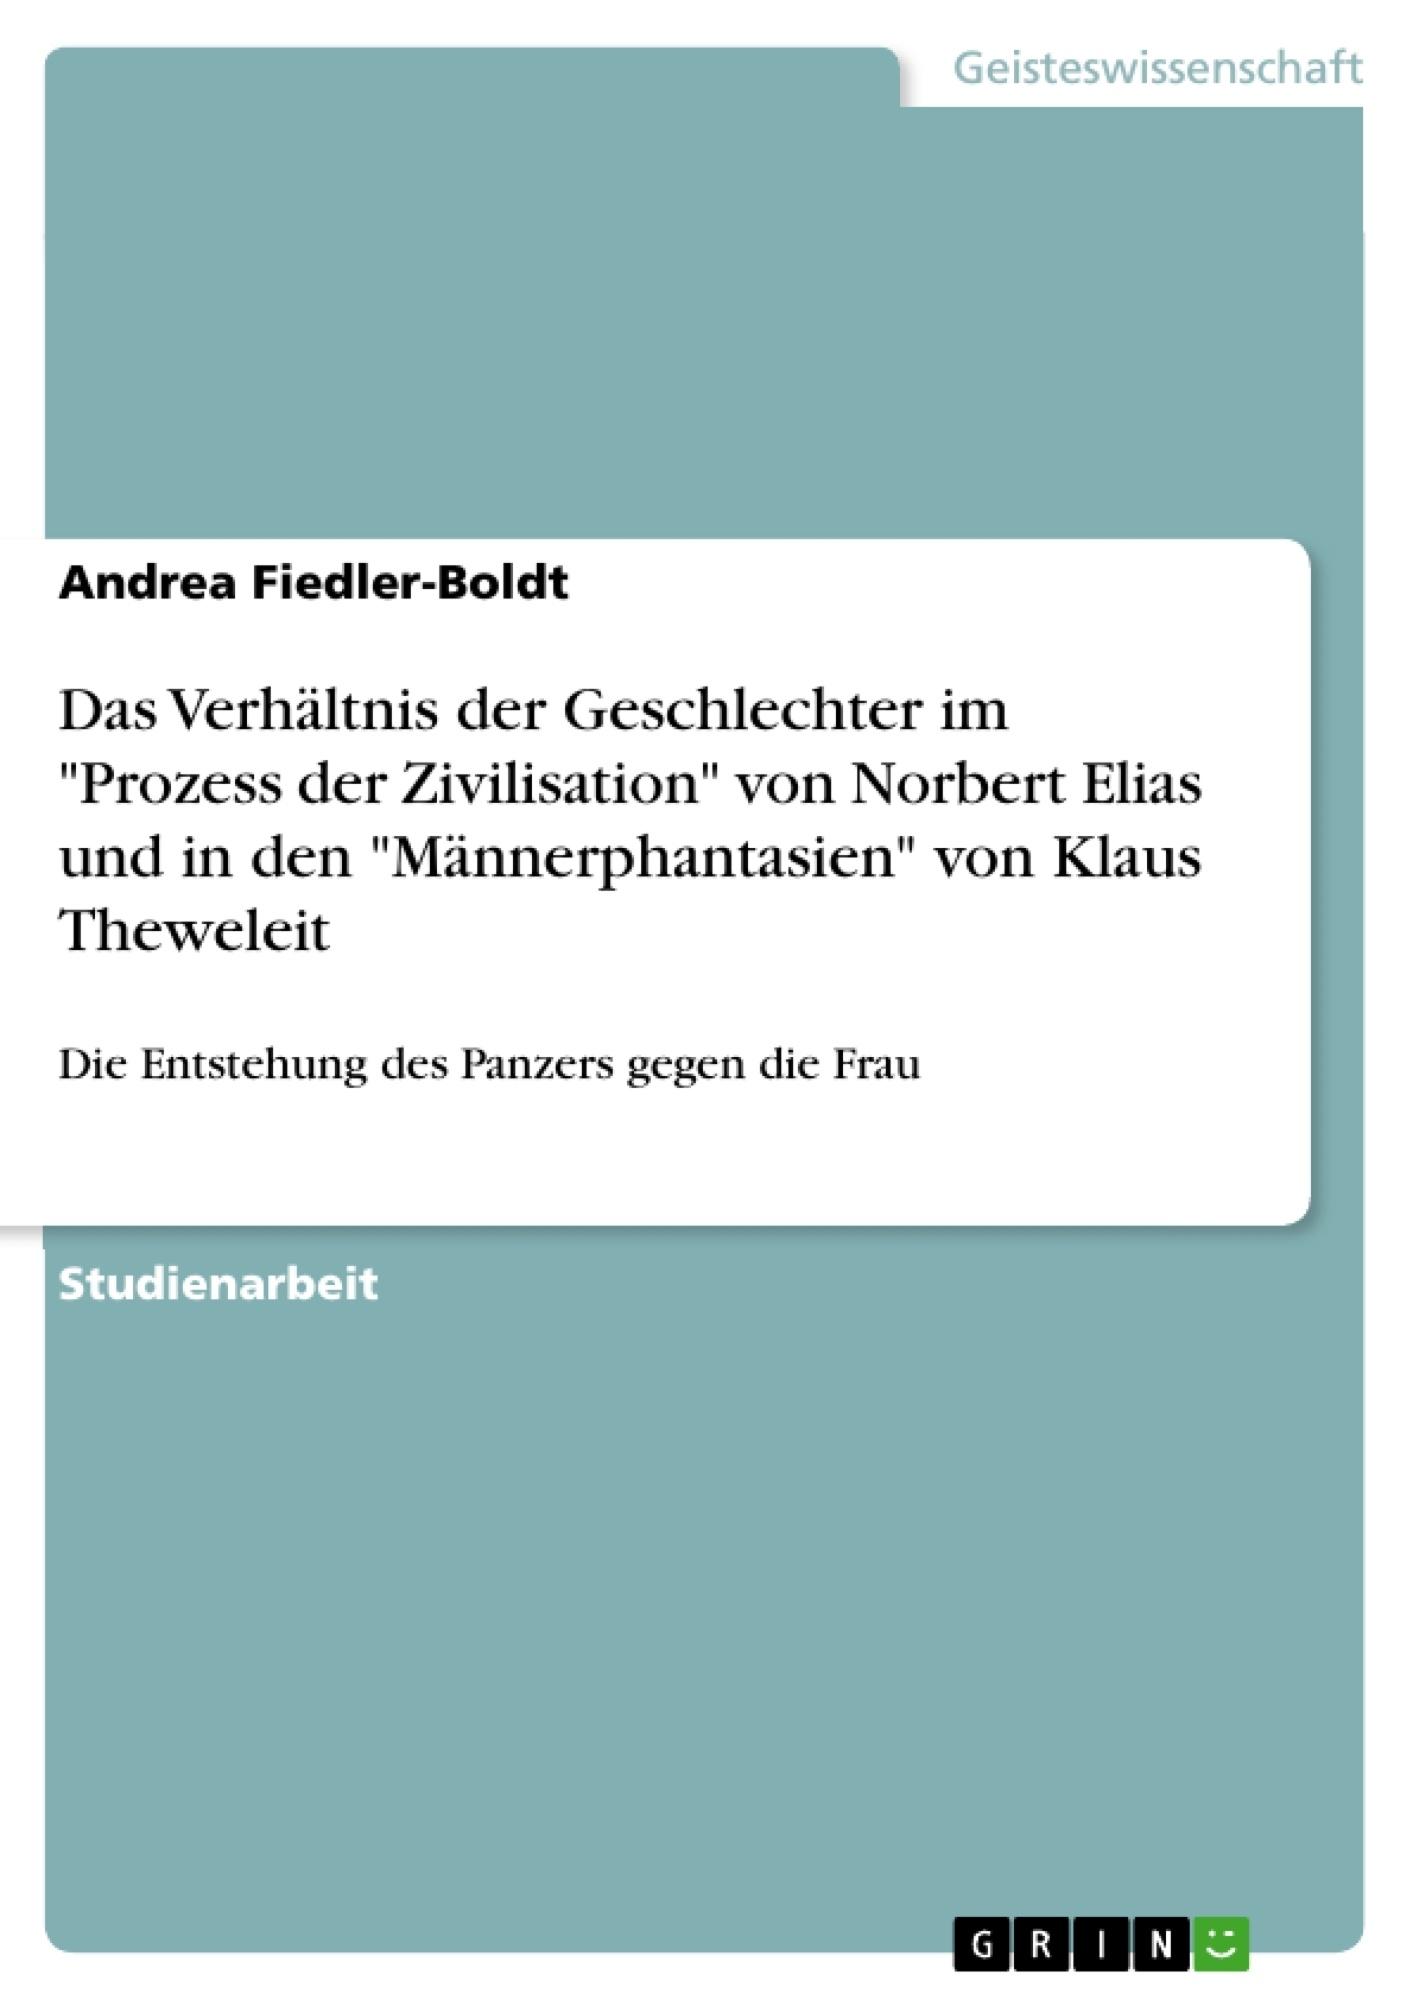 """Titel: Das Verhältnis der Geschlechter im """"Prozess der Zivilisation"""" von Norbert Elias und in den """"Männerphantasien""""  von Klaus Theweleit"""